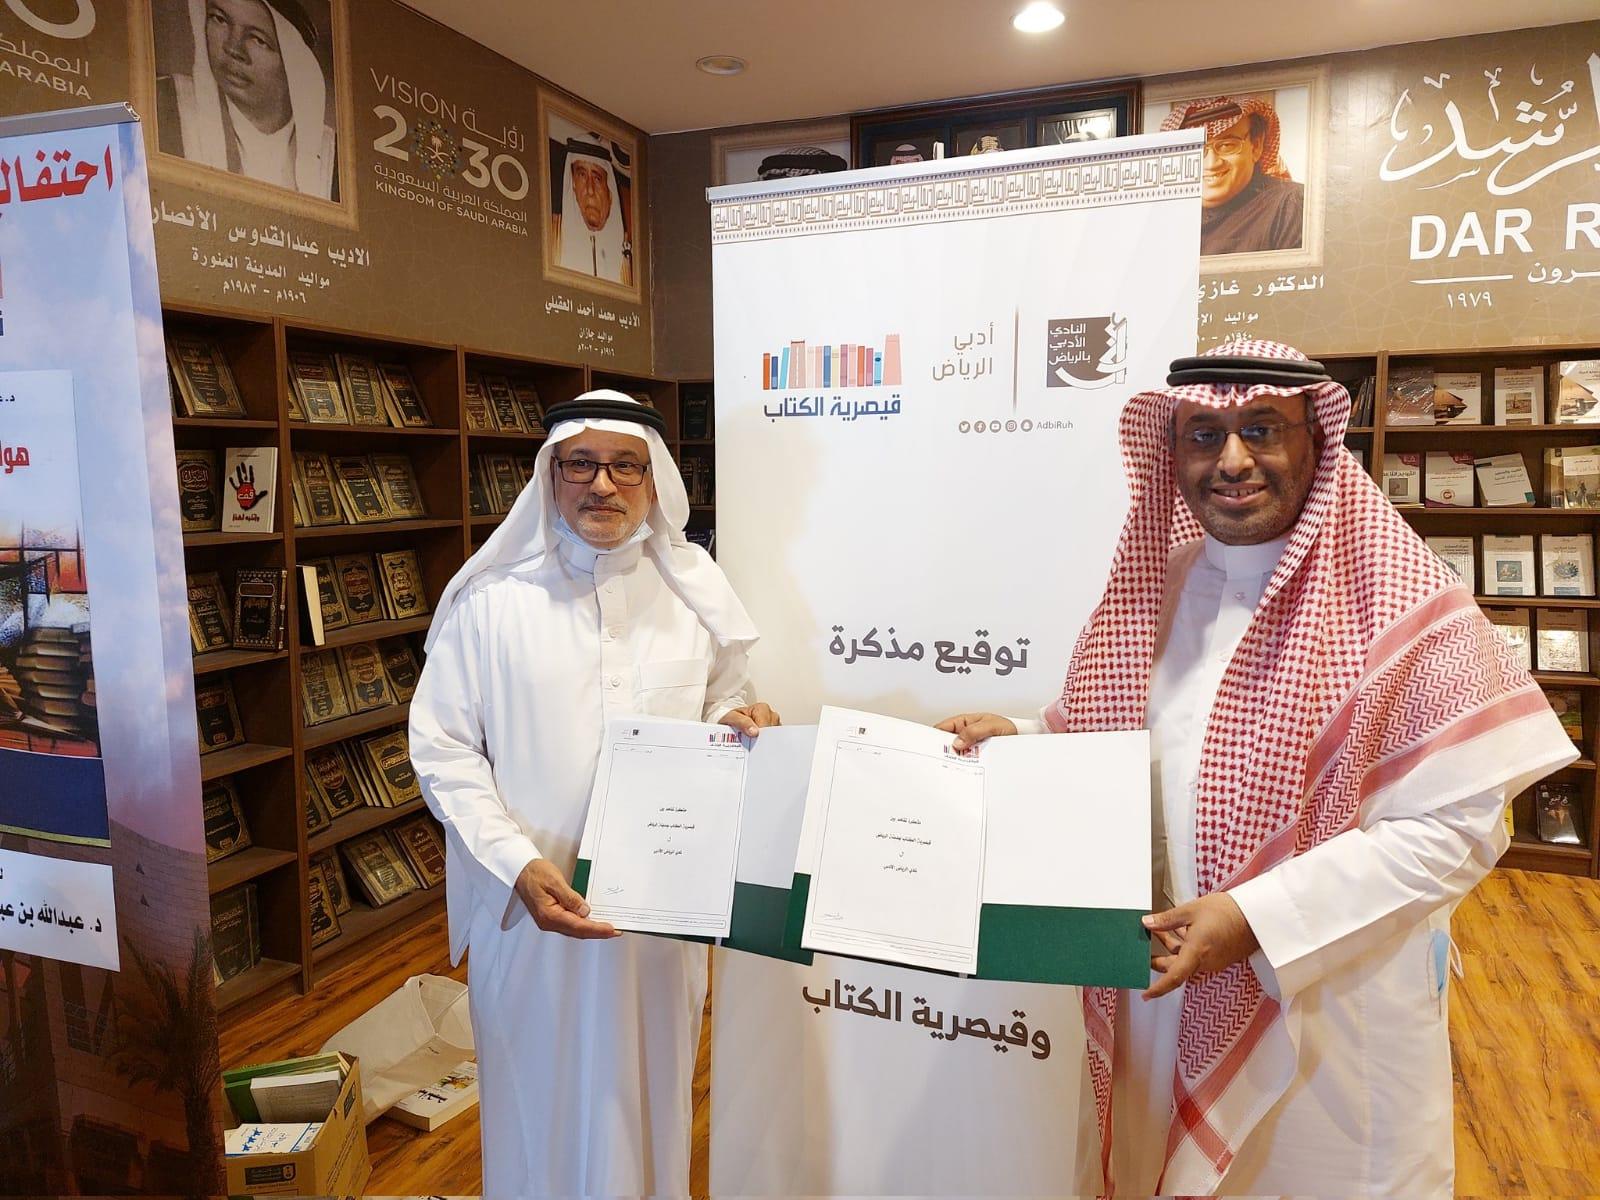 تعاون ثقافي يجمع أدبي الرياض بقيصرية الكتاب